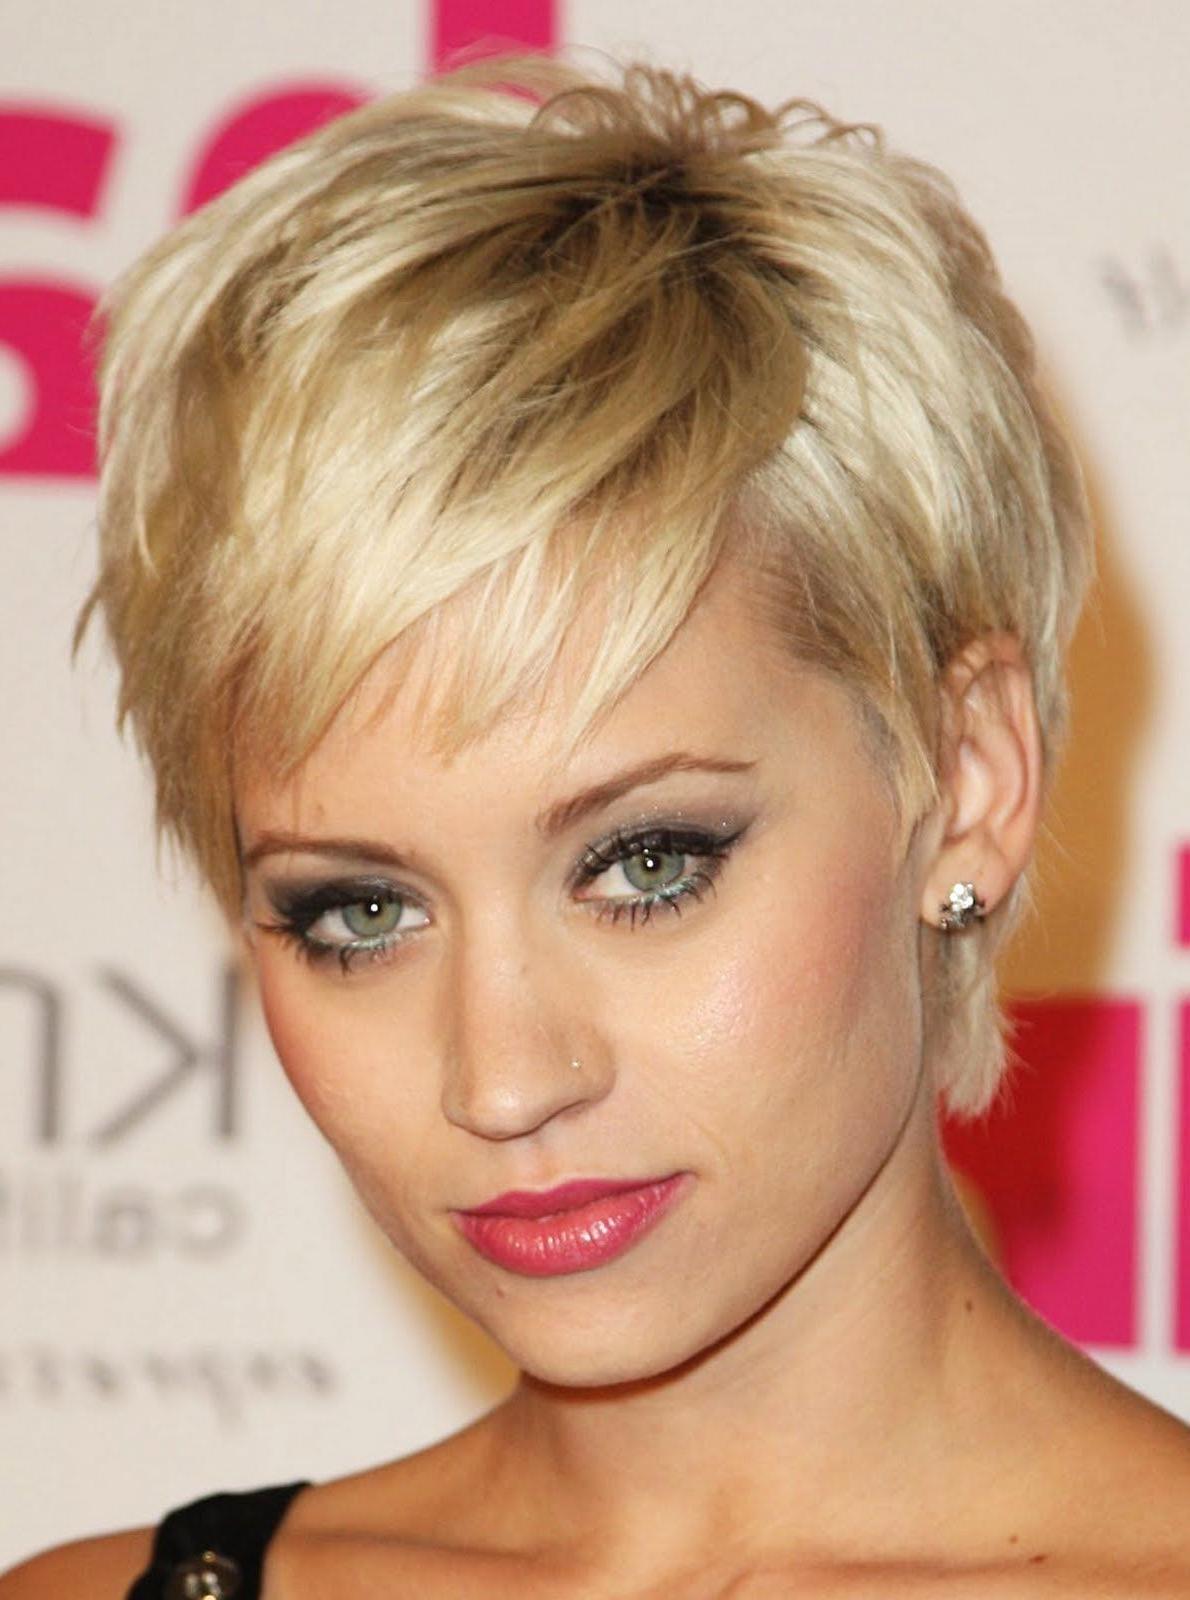 Cute Mid Length Haircuts For Thin Hair | Short Haircuts For Thin Inside Cute Short Hairstyles For Fine Hair (View 7 of 25)